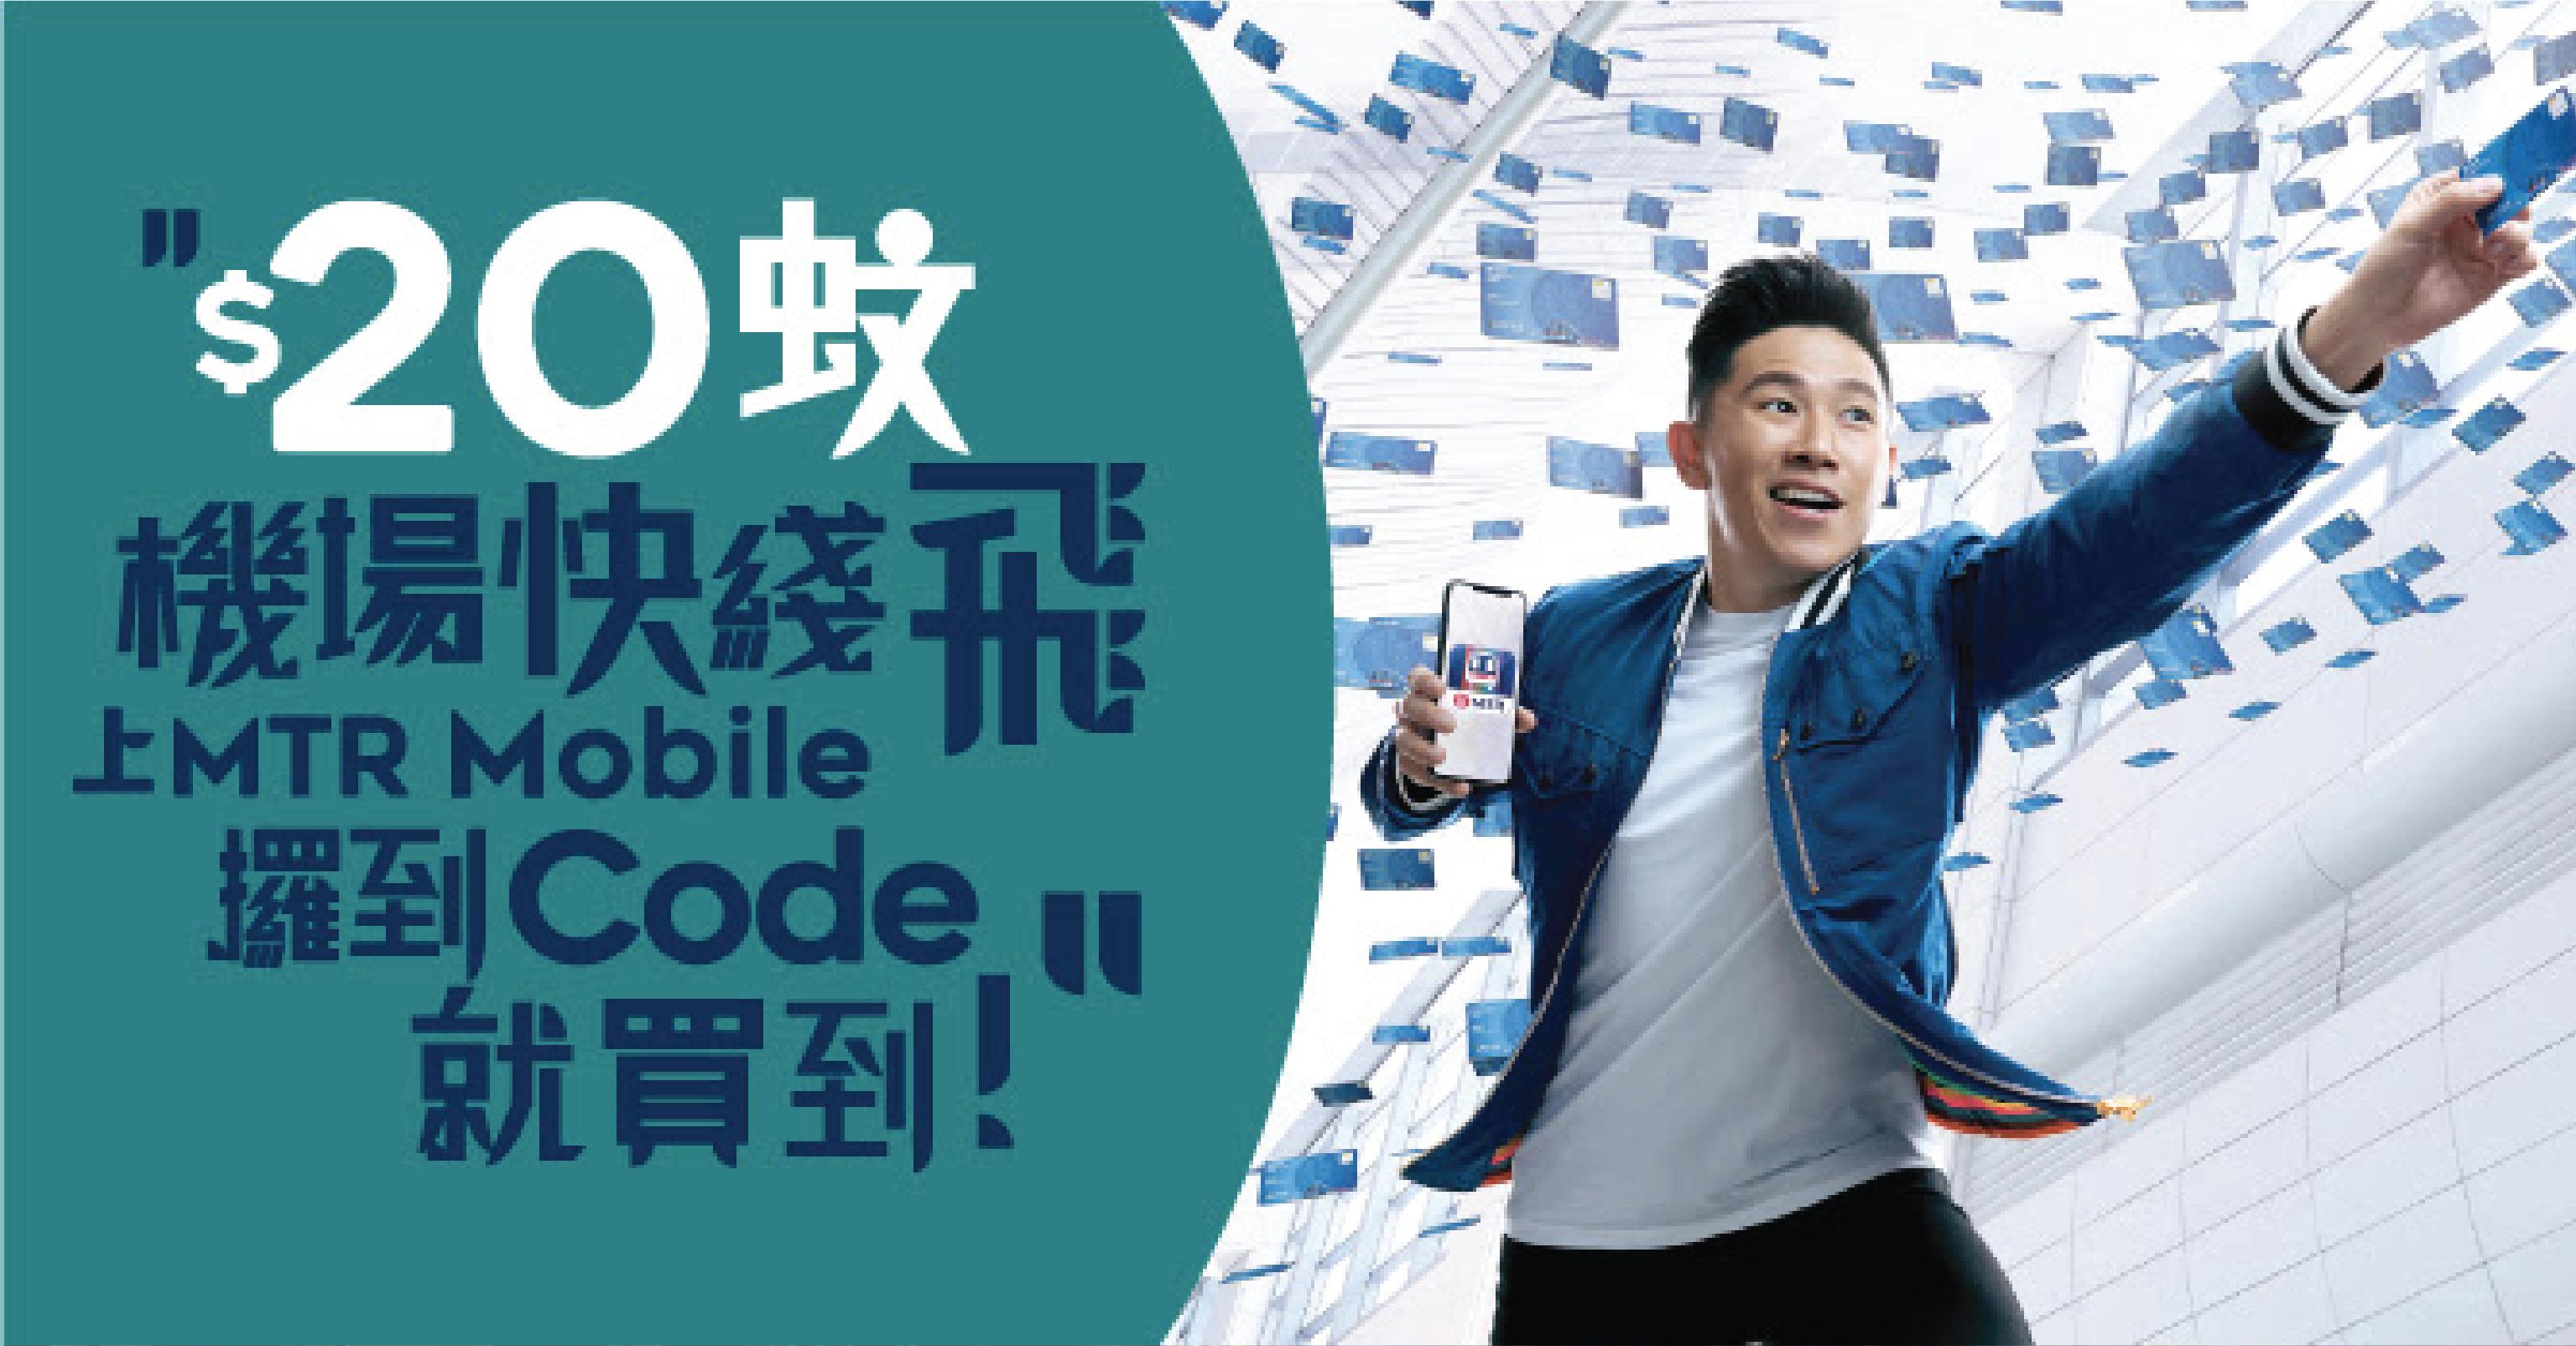 必搶!$20買到機場快綫單程飛啦!7月24日、7月31日及8月7日入MTR Mobile app搶!